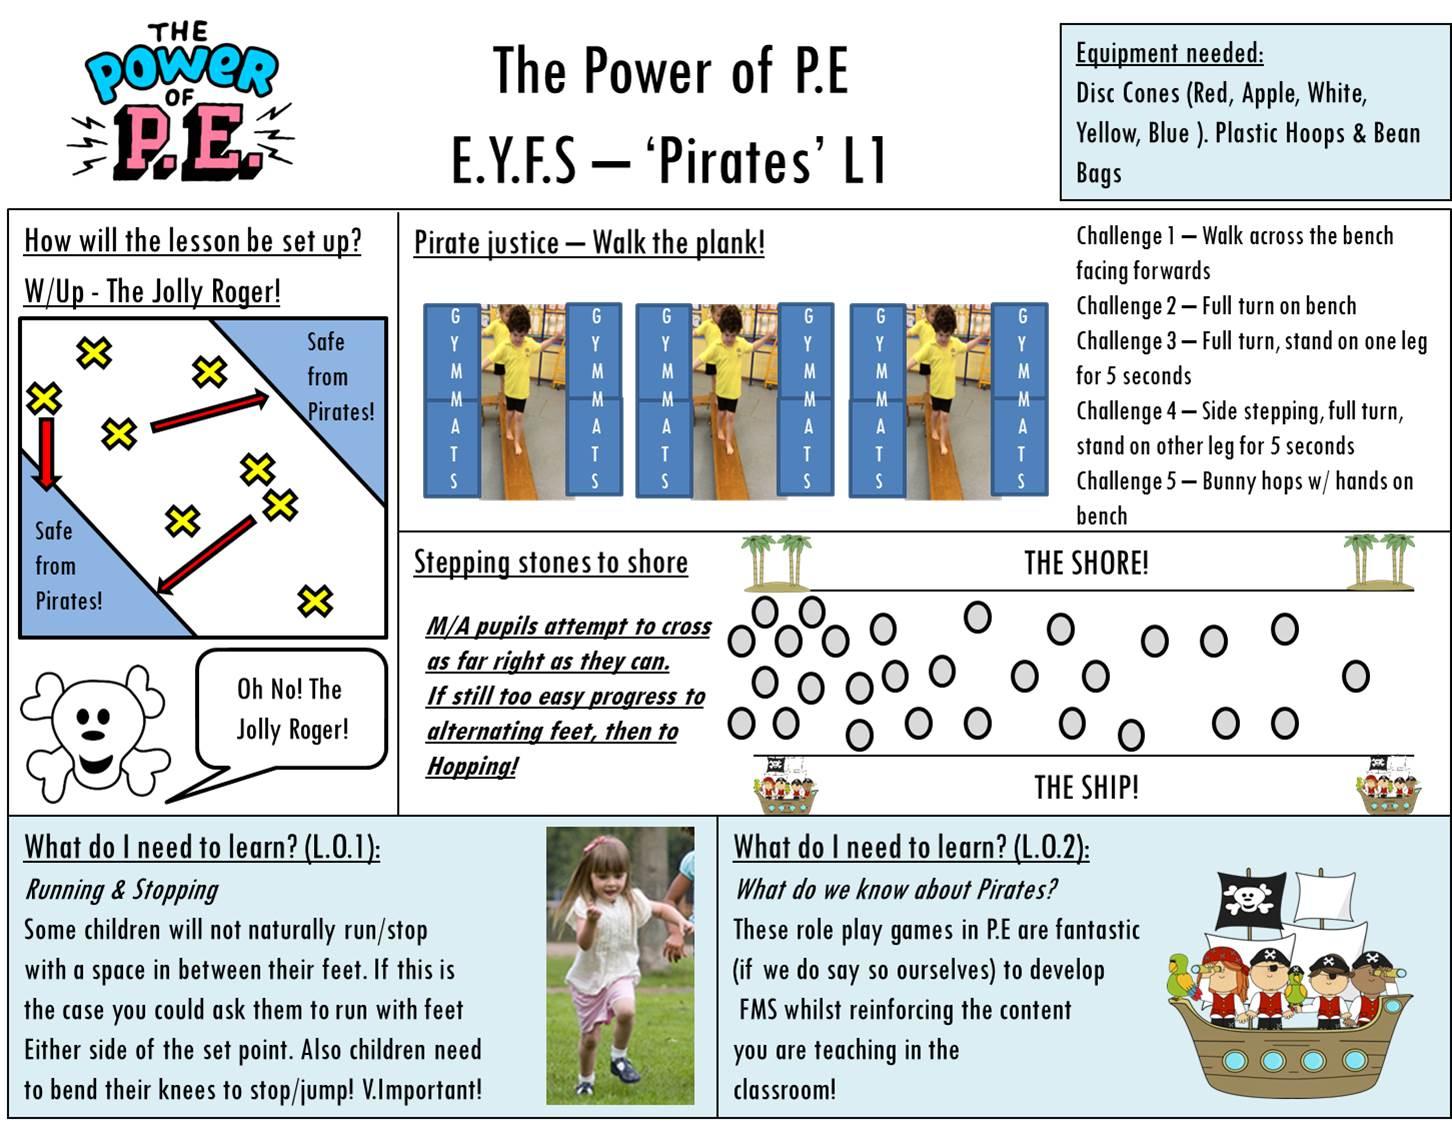 Power of P.E Pirates Lesson 1... 2